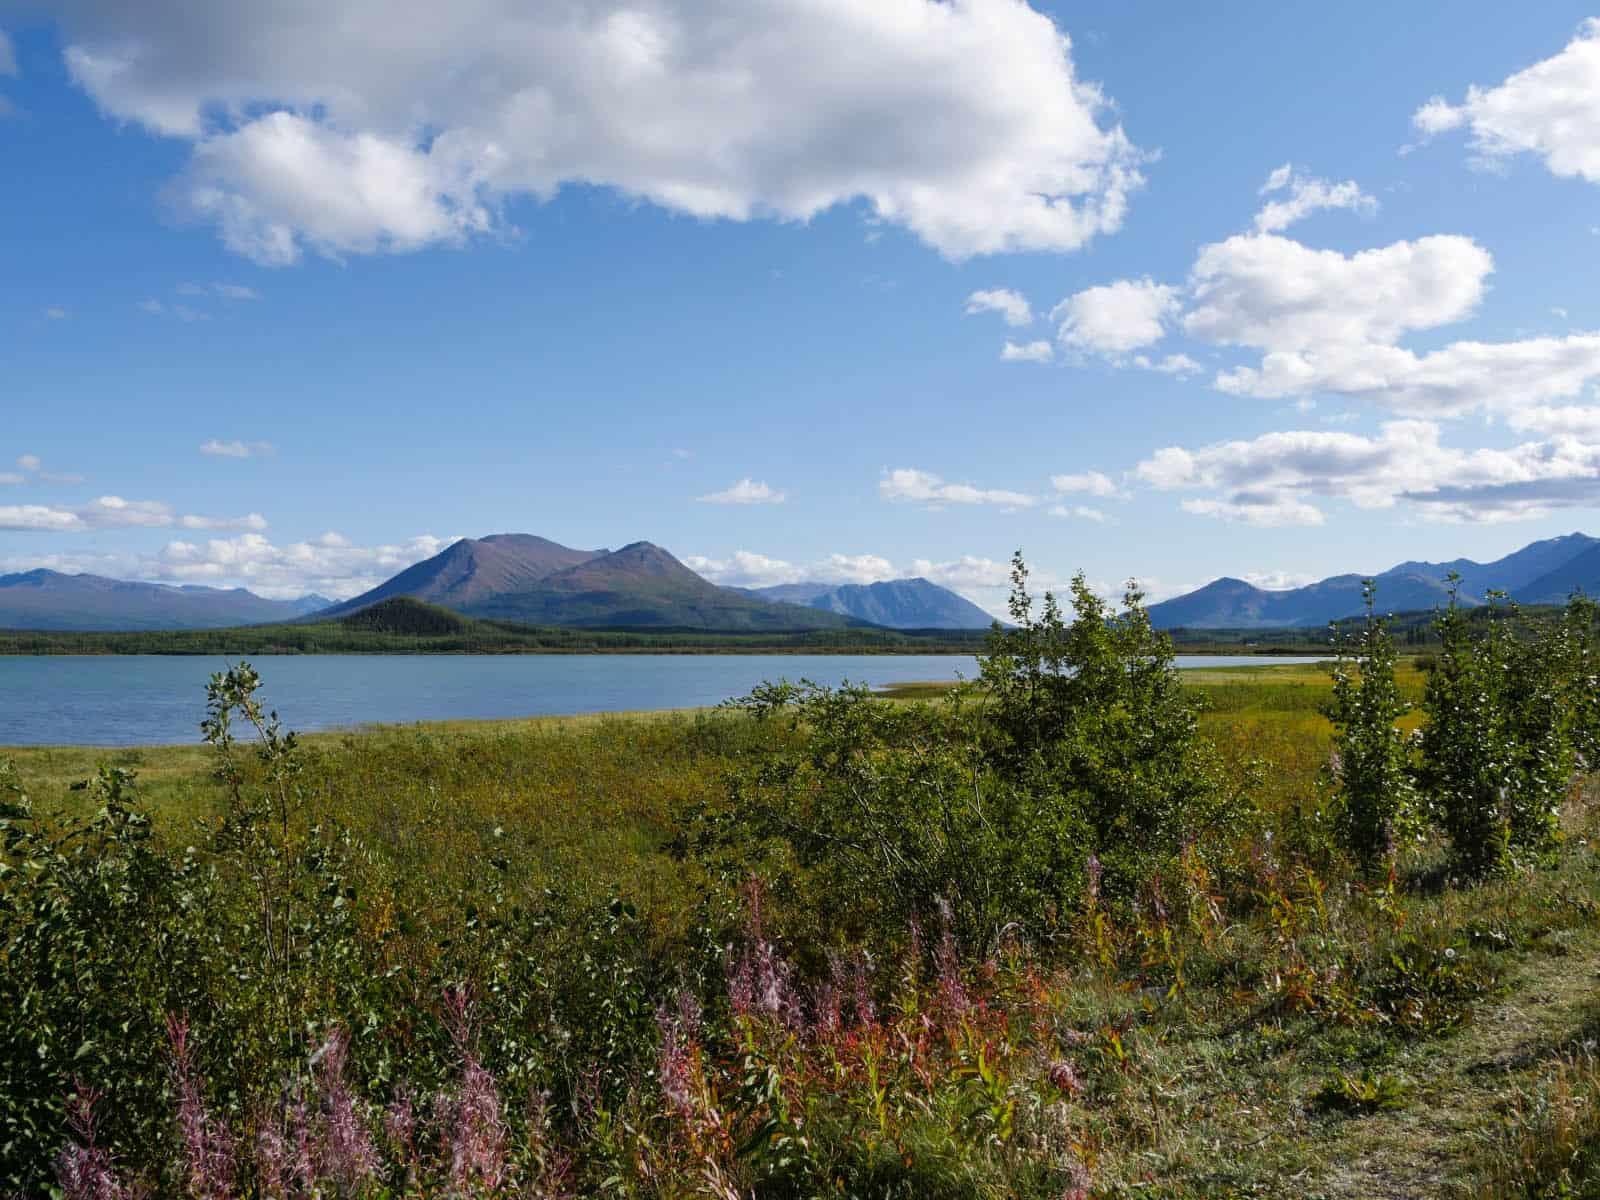 Warm kann er sein, aber auch stürmisch, der Dezadeash Lake, ein fischreiches Gewässer nahe Haines Junction. Foto Faszination Kanada